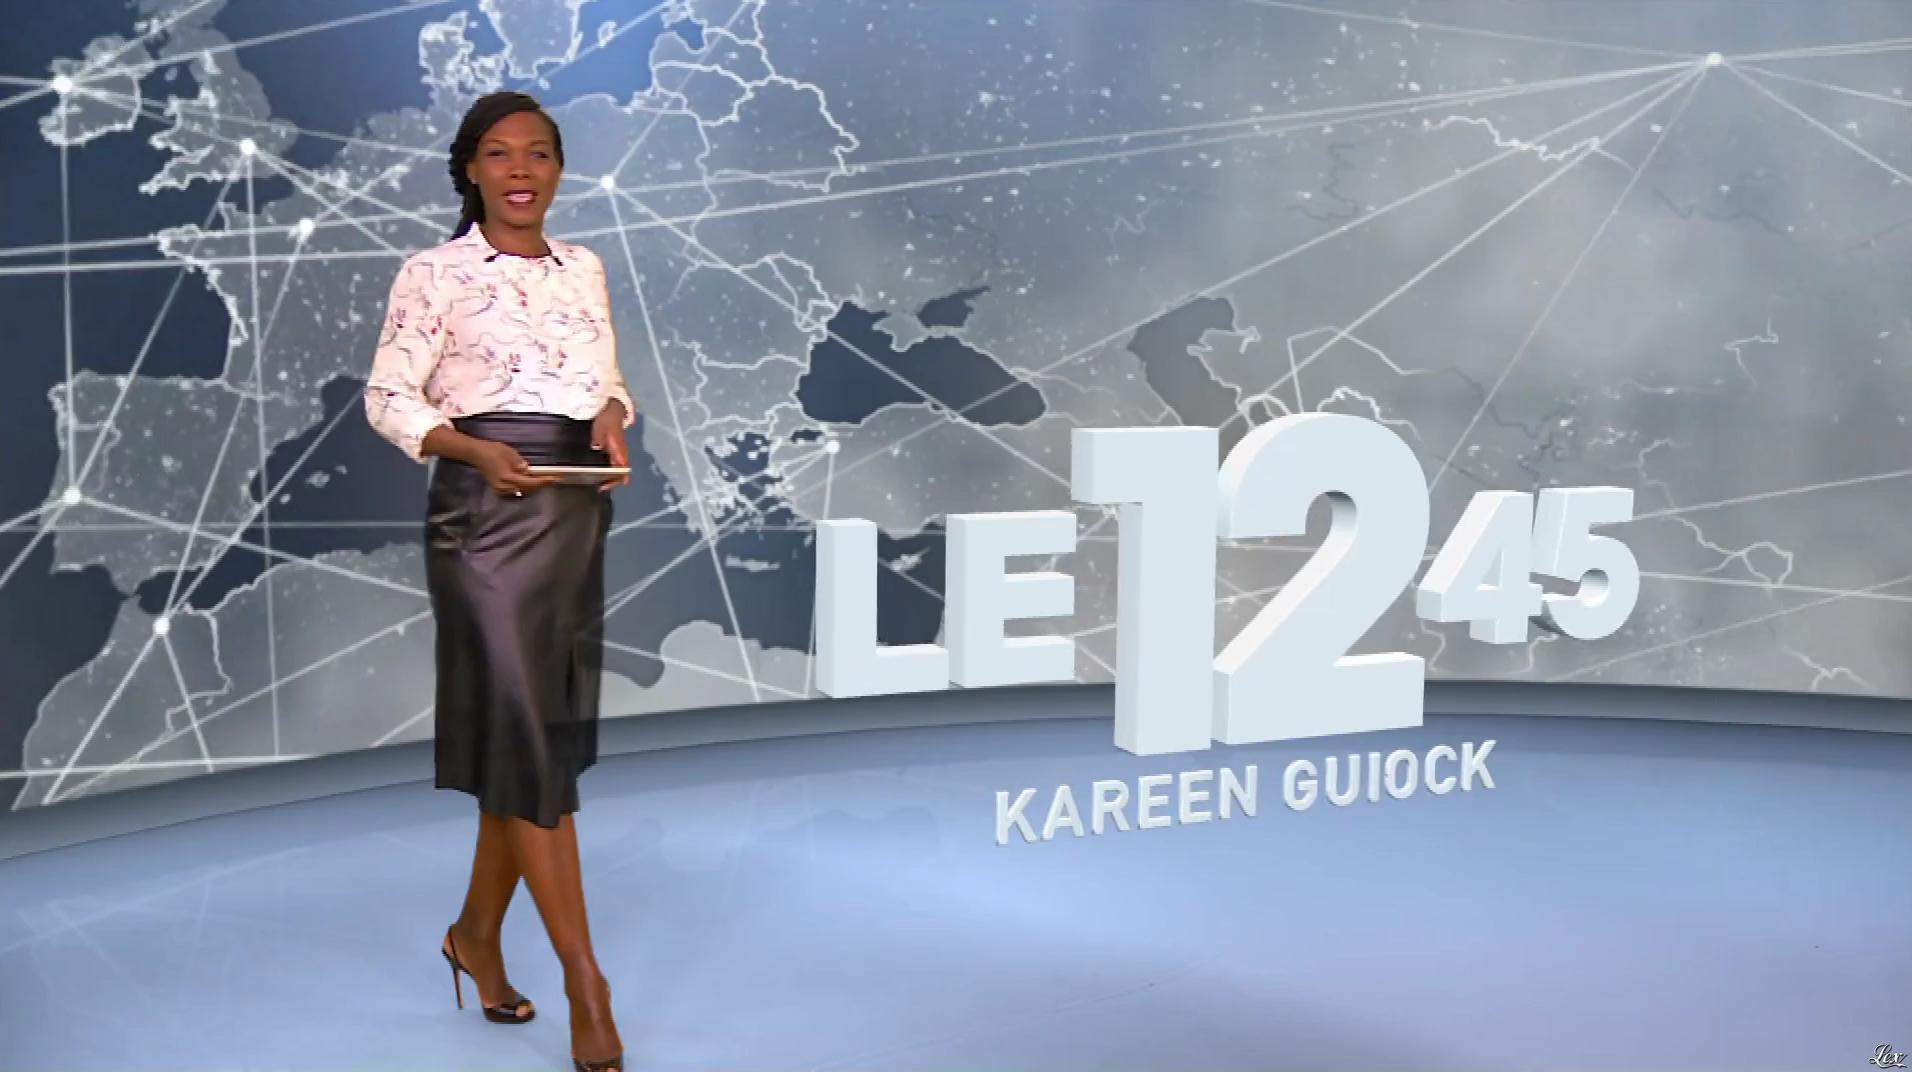 Kareen Guiock dans le 12-45. Diffusé à la télévision le 11/10/18.